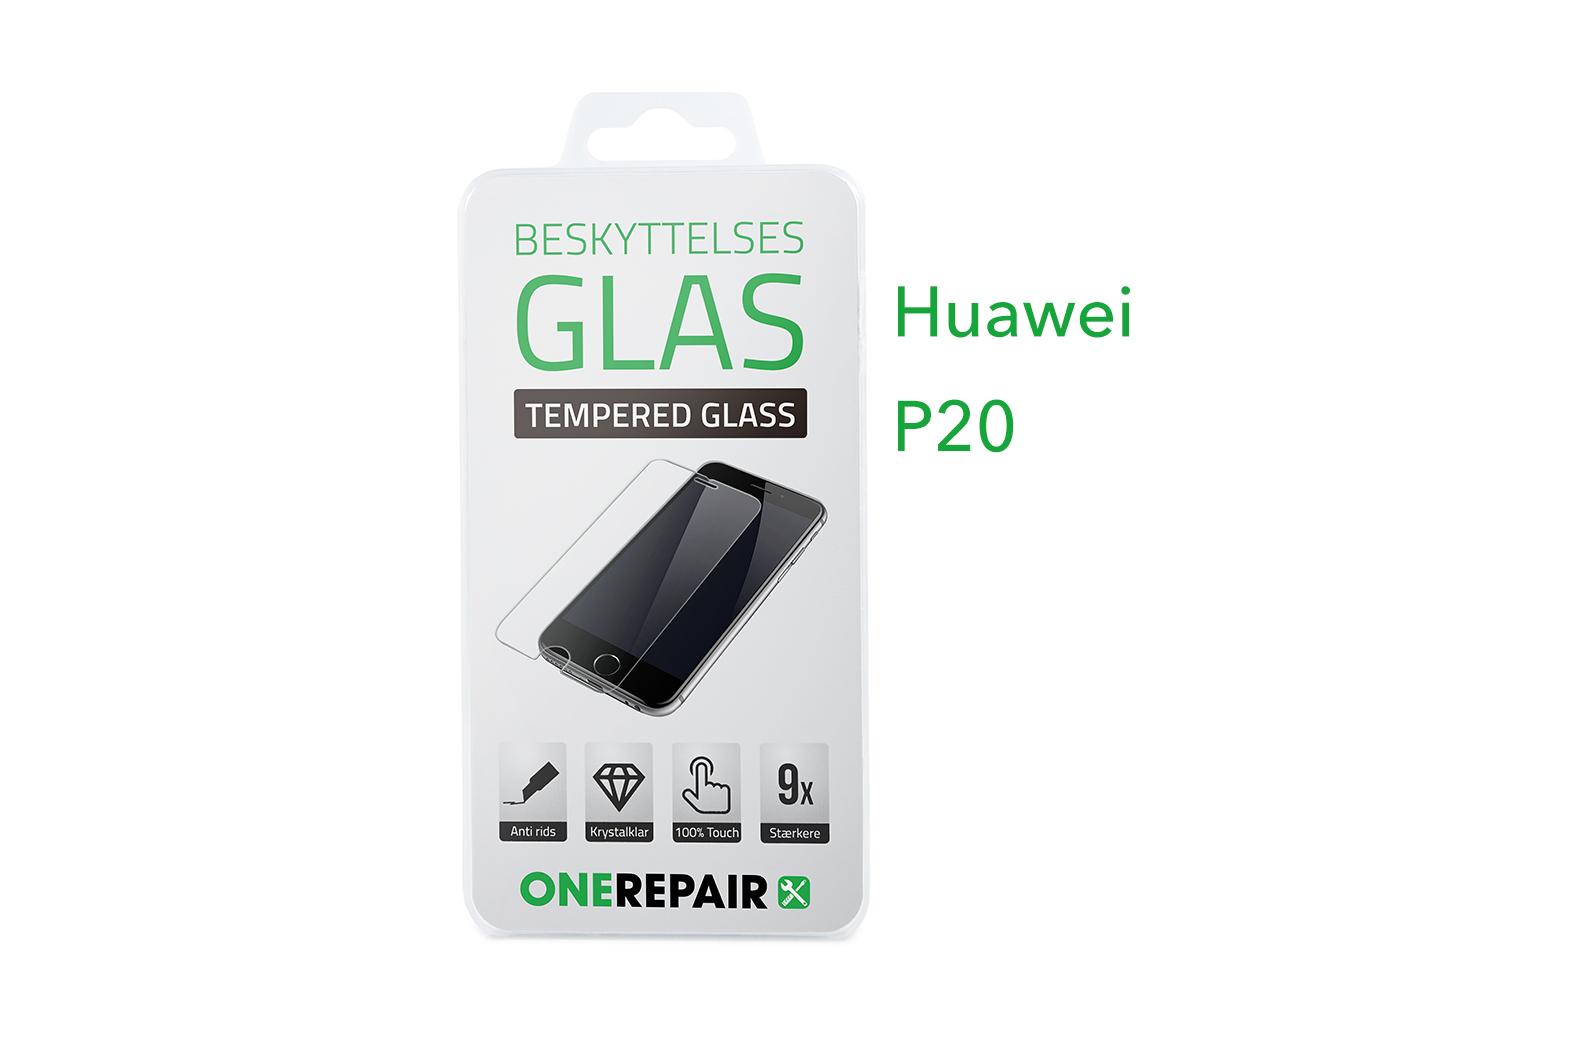 beskyttelsesglas, beskyttelse, glas, Size, Pazer, Panser, Hvid, staerk, stærk, Godt, Billig, Huawei, P20